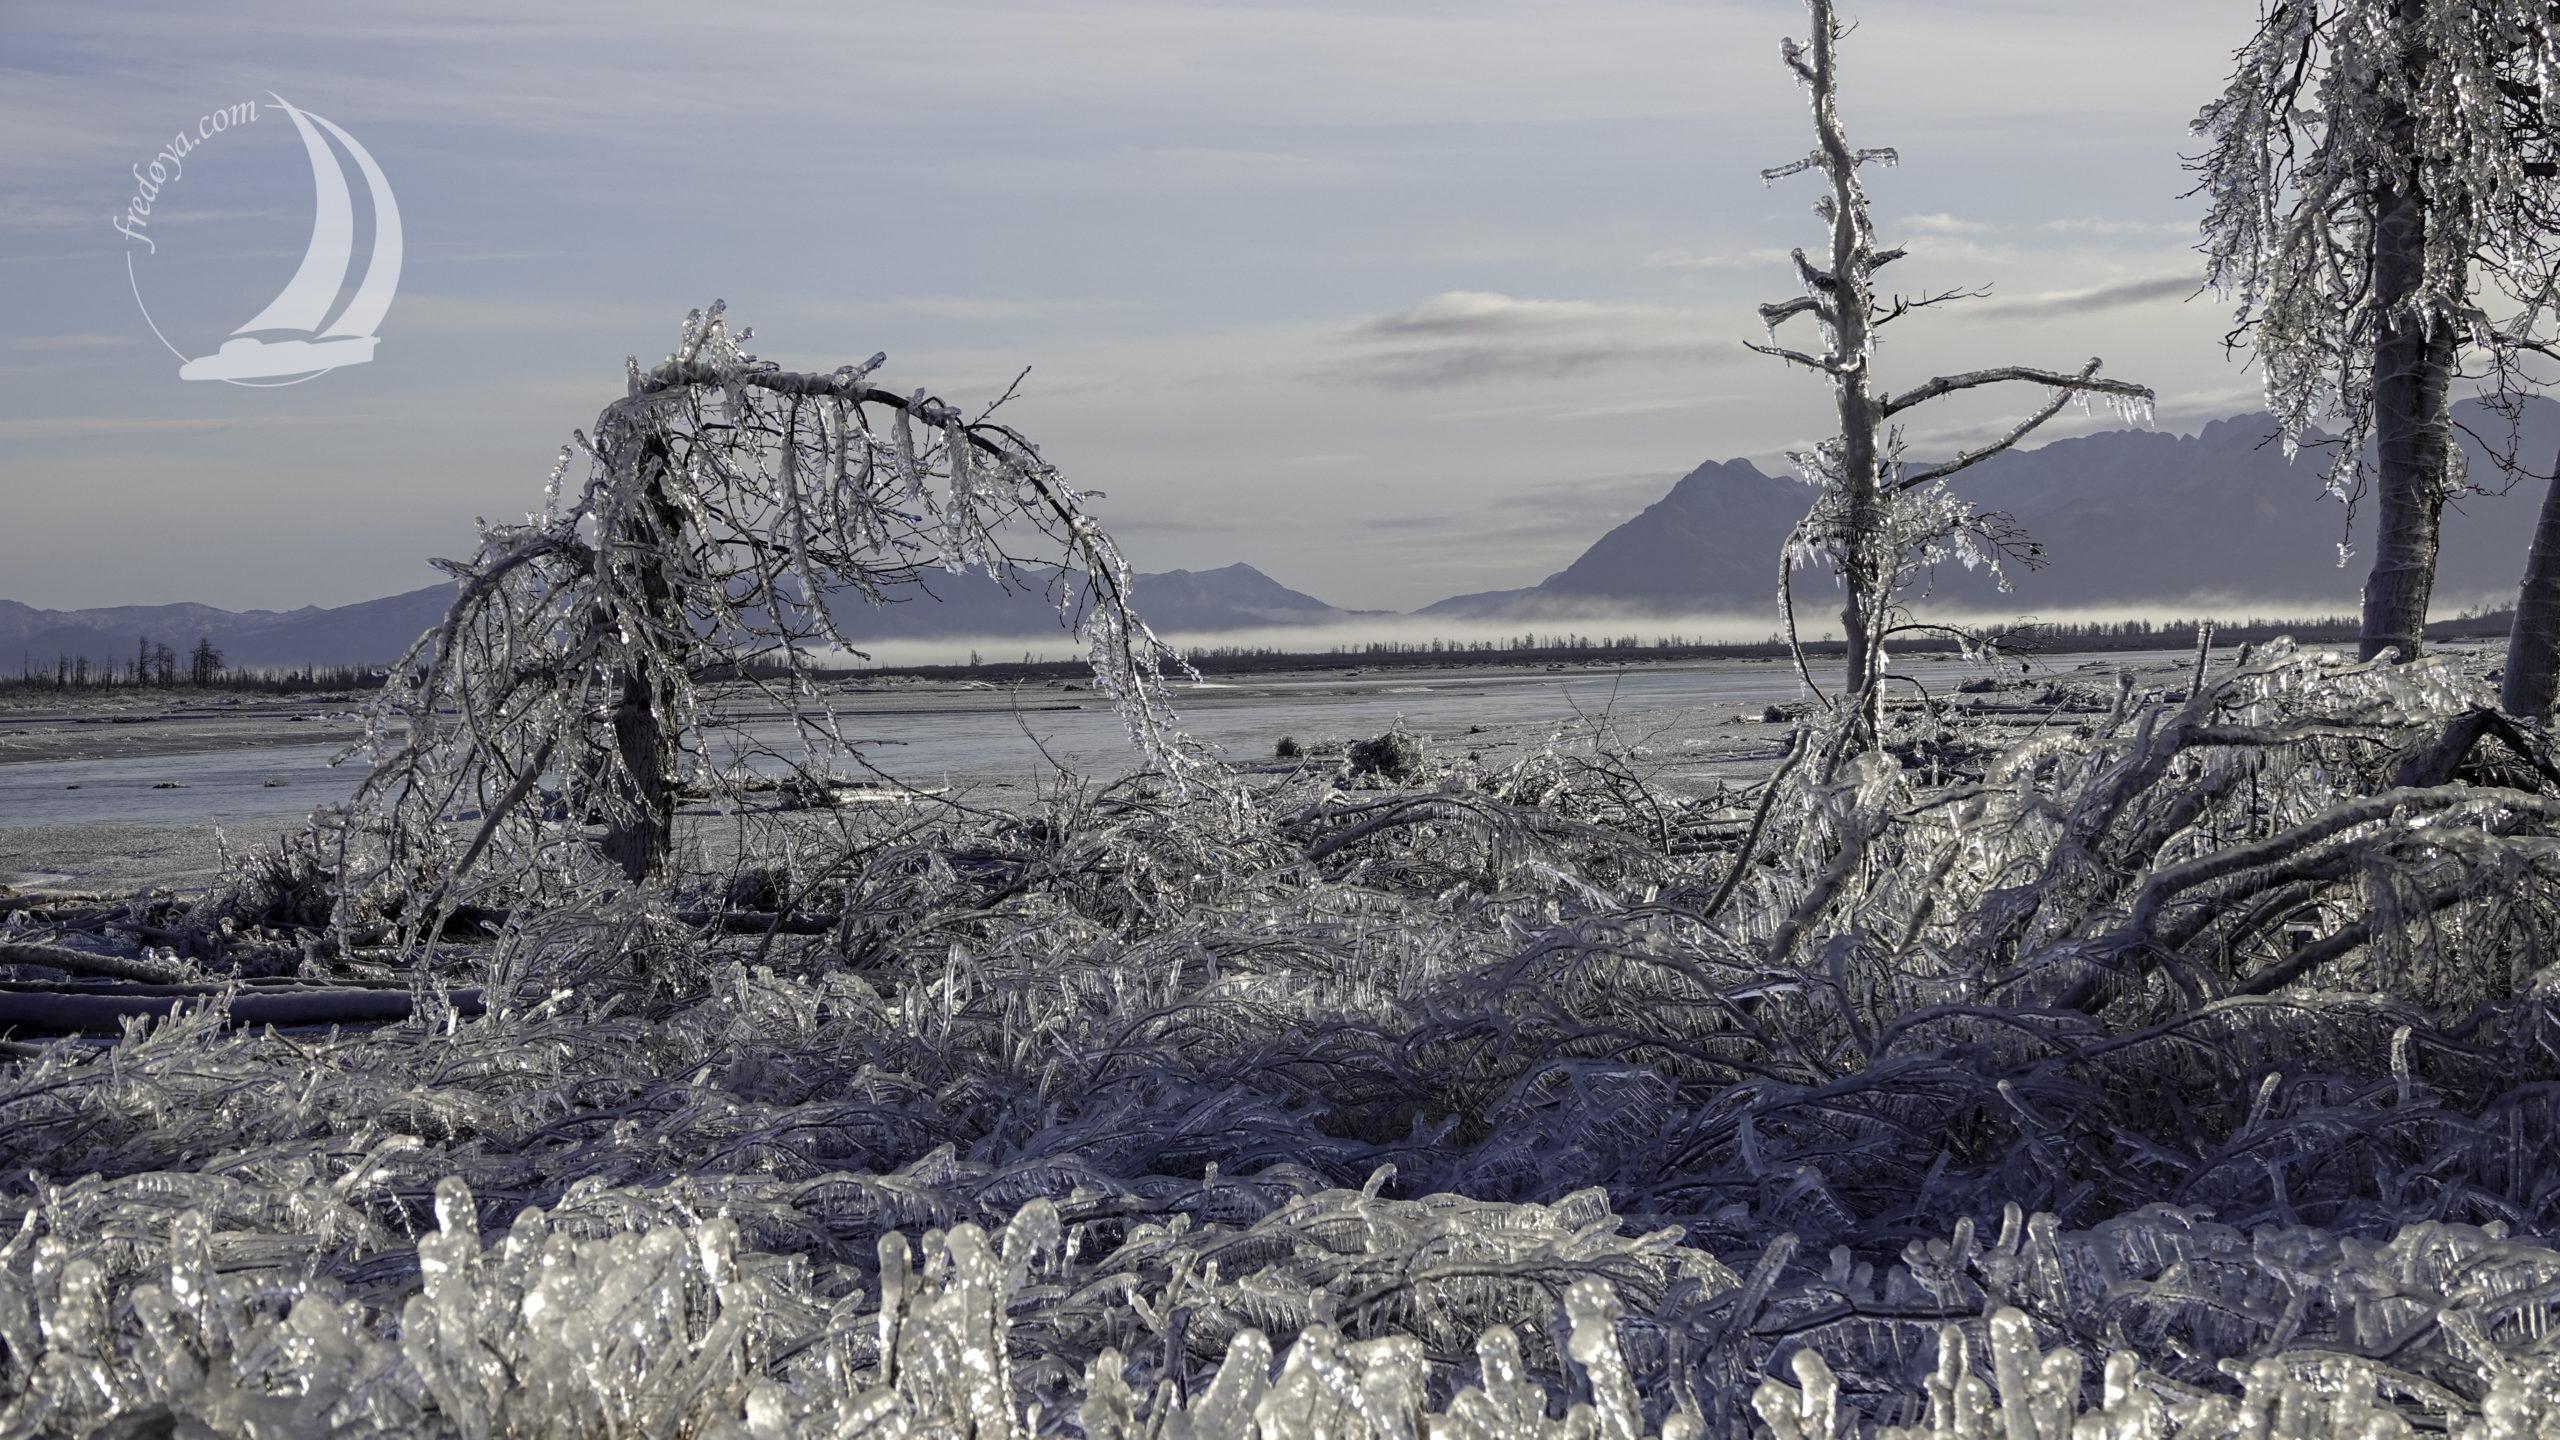 Alaska - Prince William Sound - Cordova  Delta de Cooper river